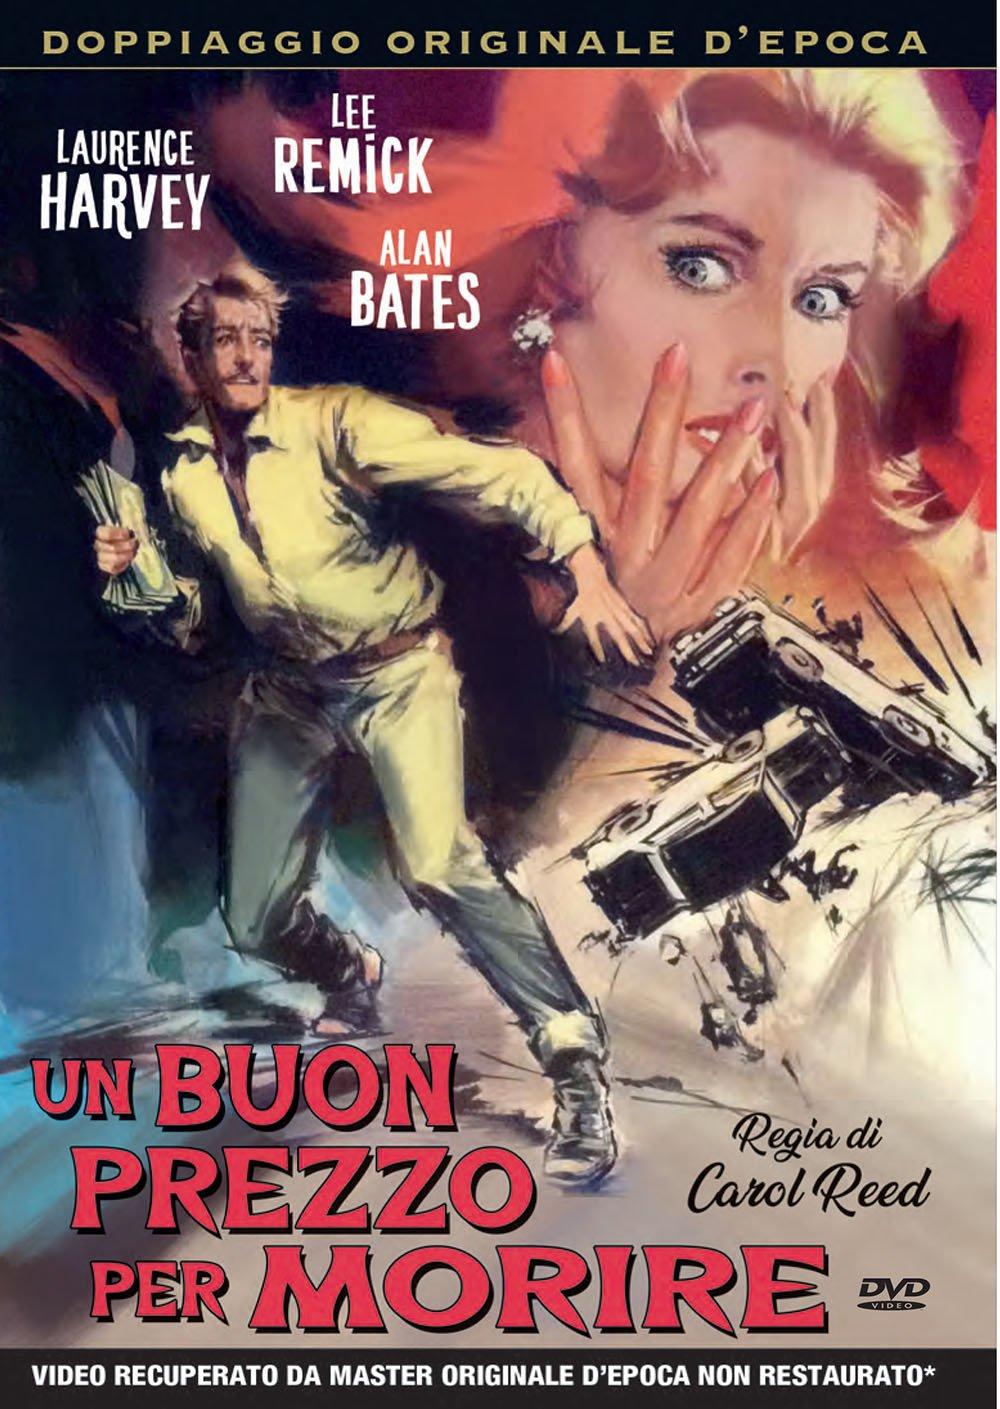 UN BUON PREZZO PER MORIRE (DVD)